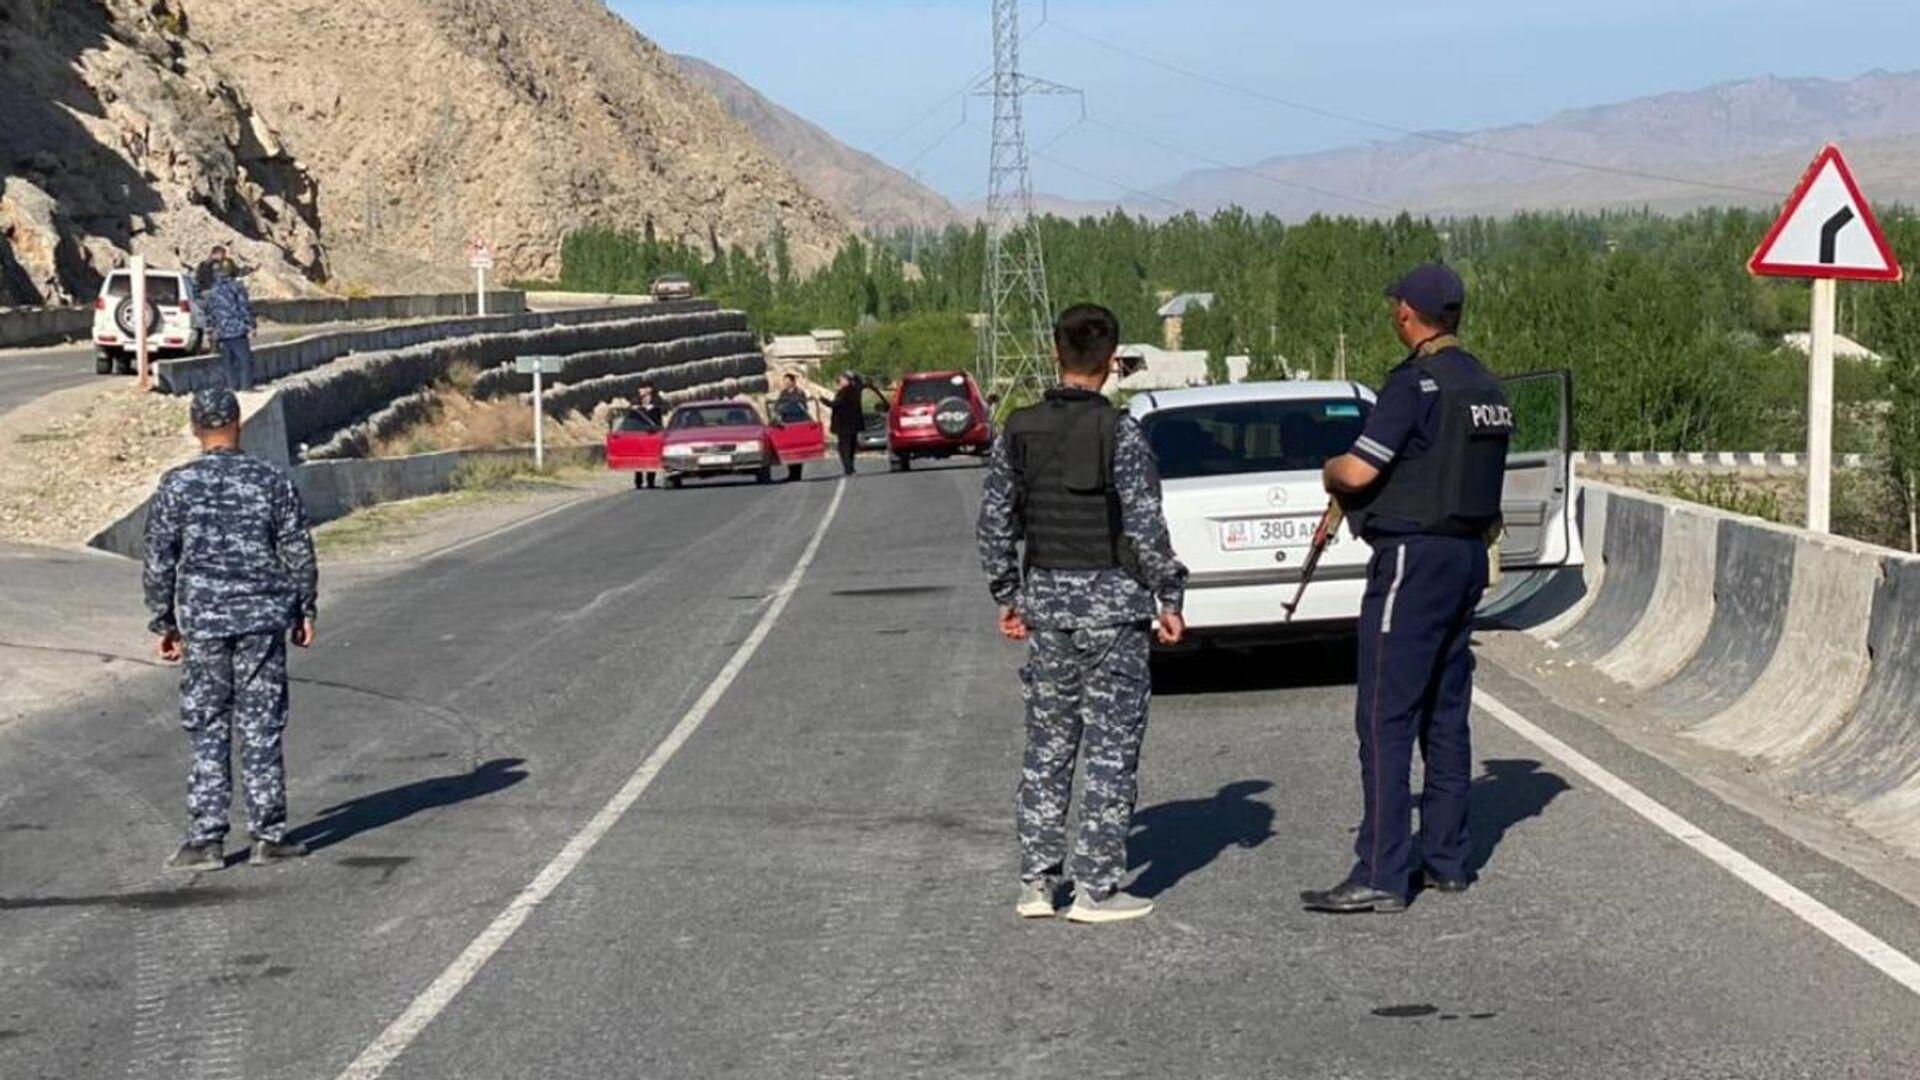 Кыргызские полицейские в районе границы с Таджикистаном - РИА Новости, 1920, 01.05.2021